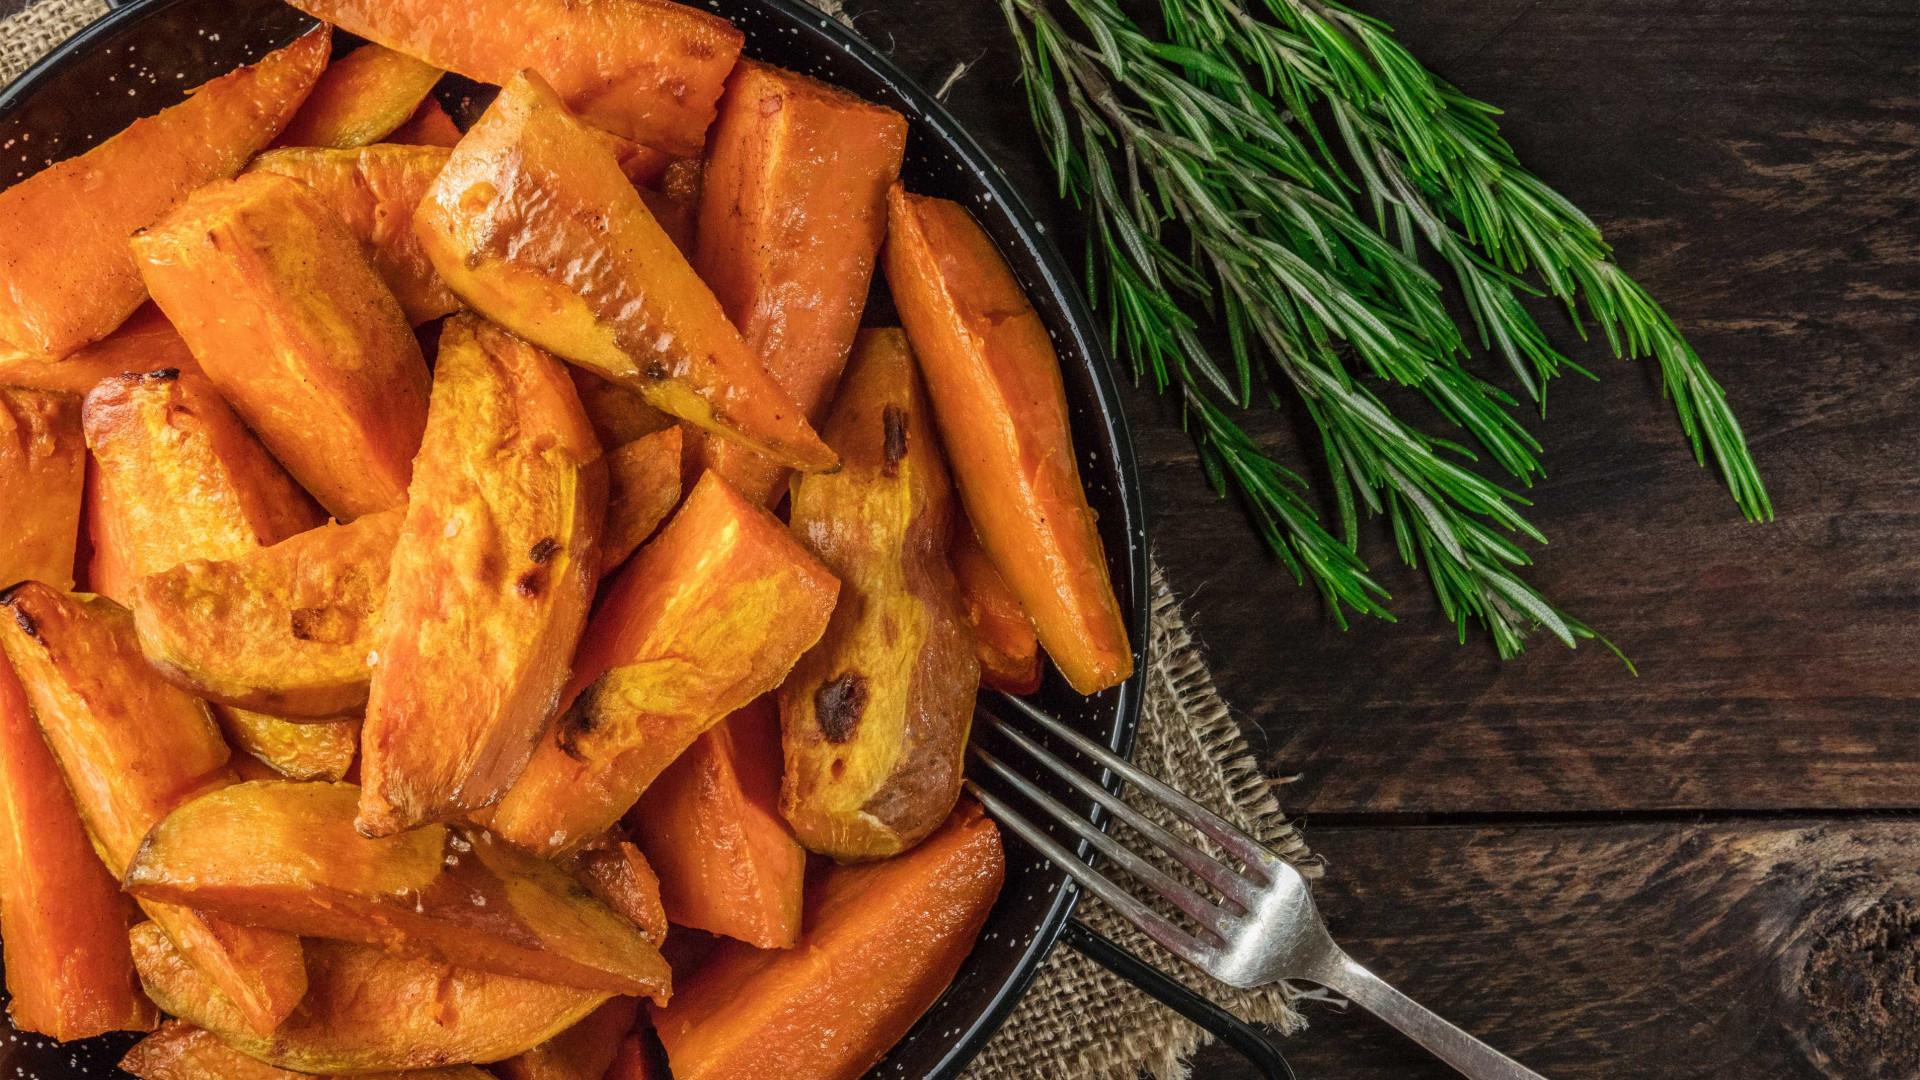 Dicas de cozinha: como assar batatas no forno na perfeição